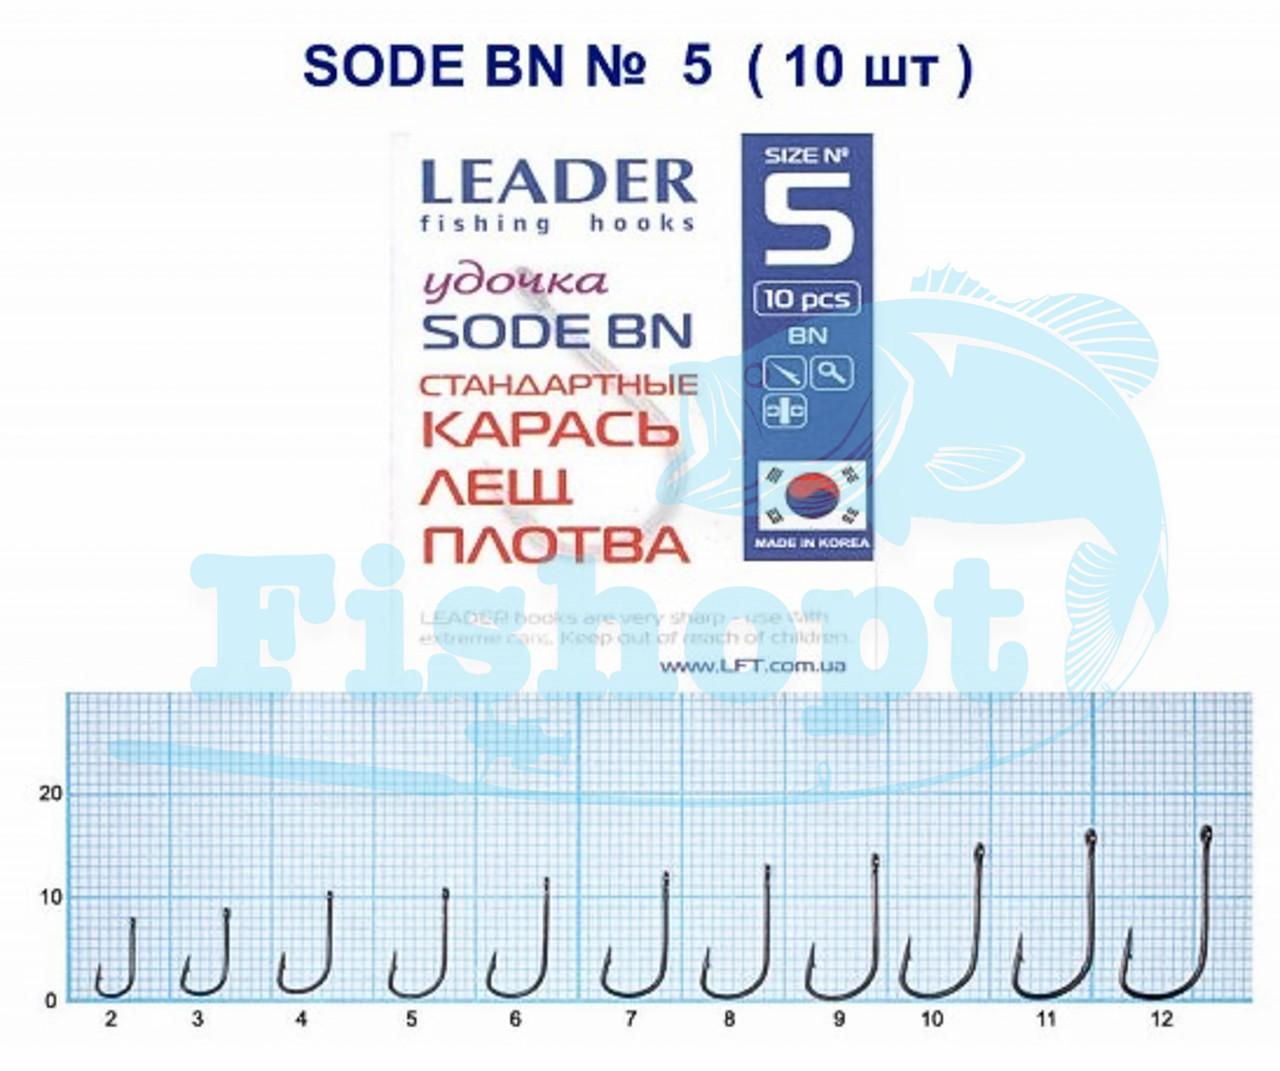 Крючок Leader Sode BN стандартные (карась, лещ, плотва) № 5